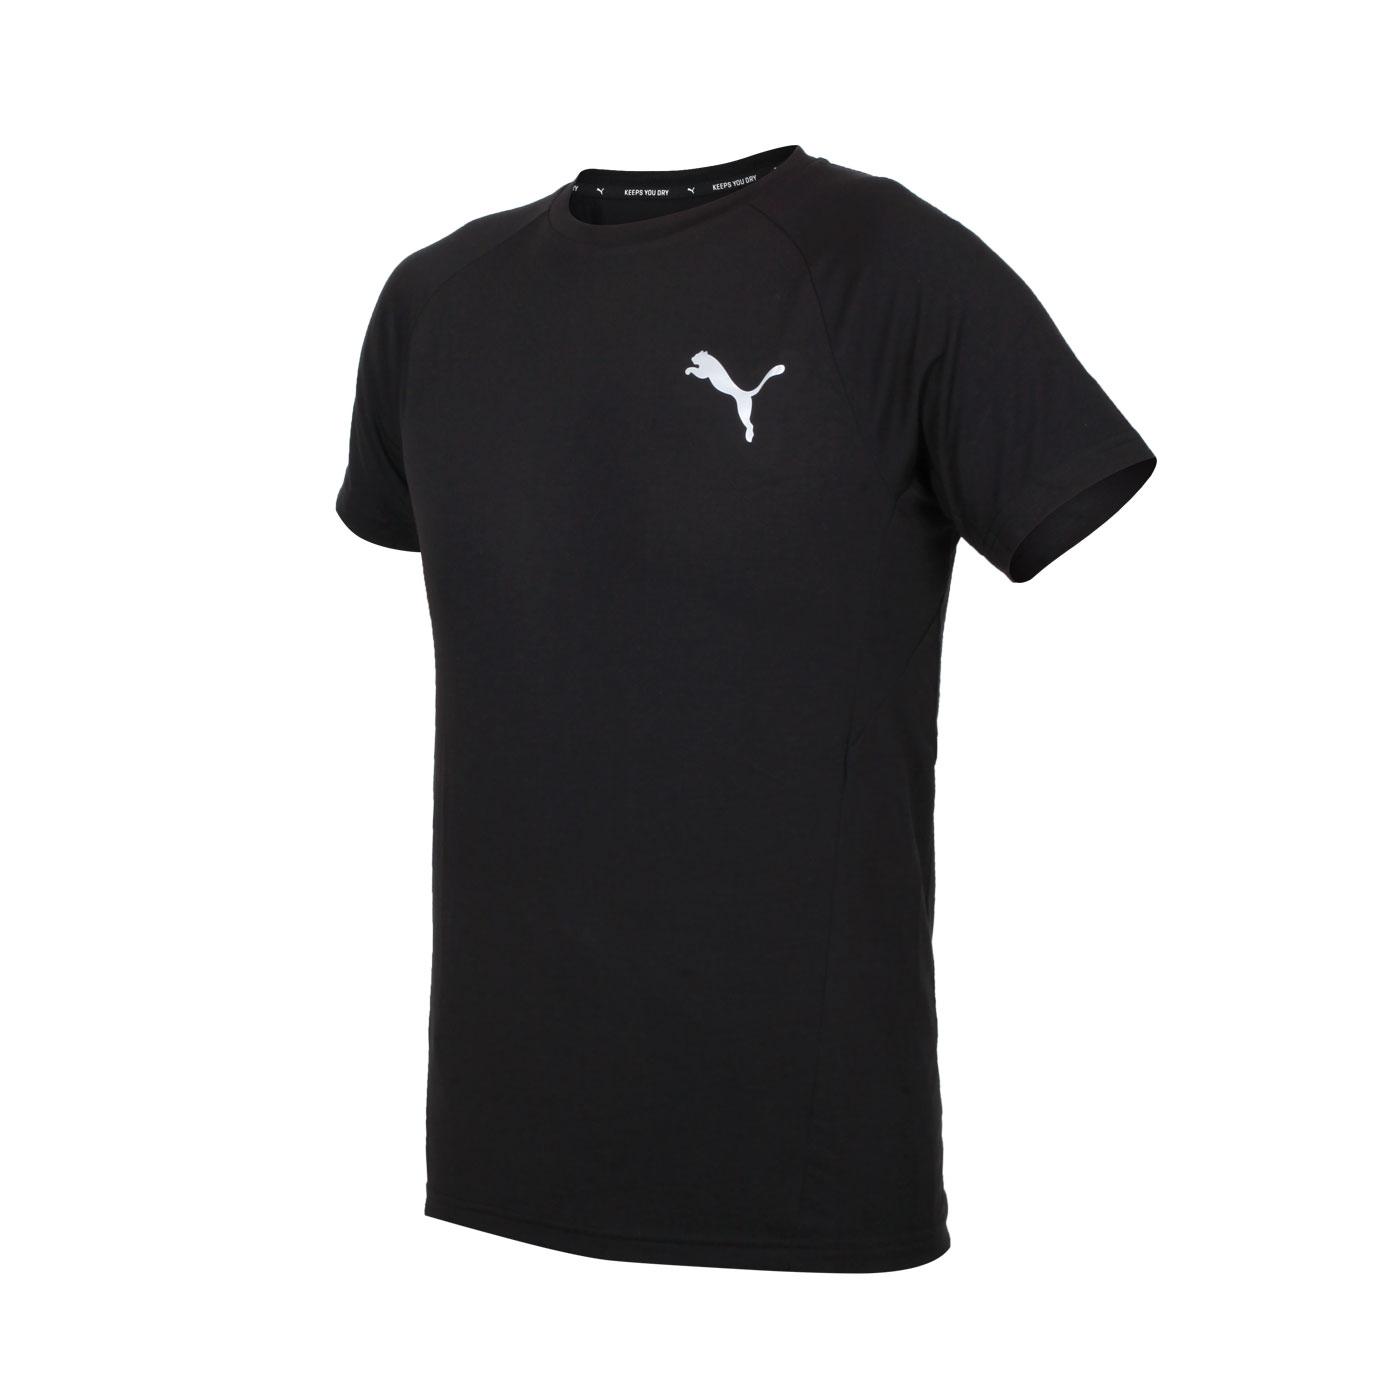 PUMA 男款短袖T恤 58941701 - 黑銀